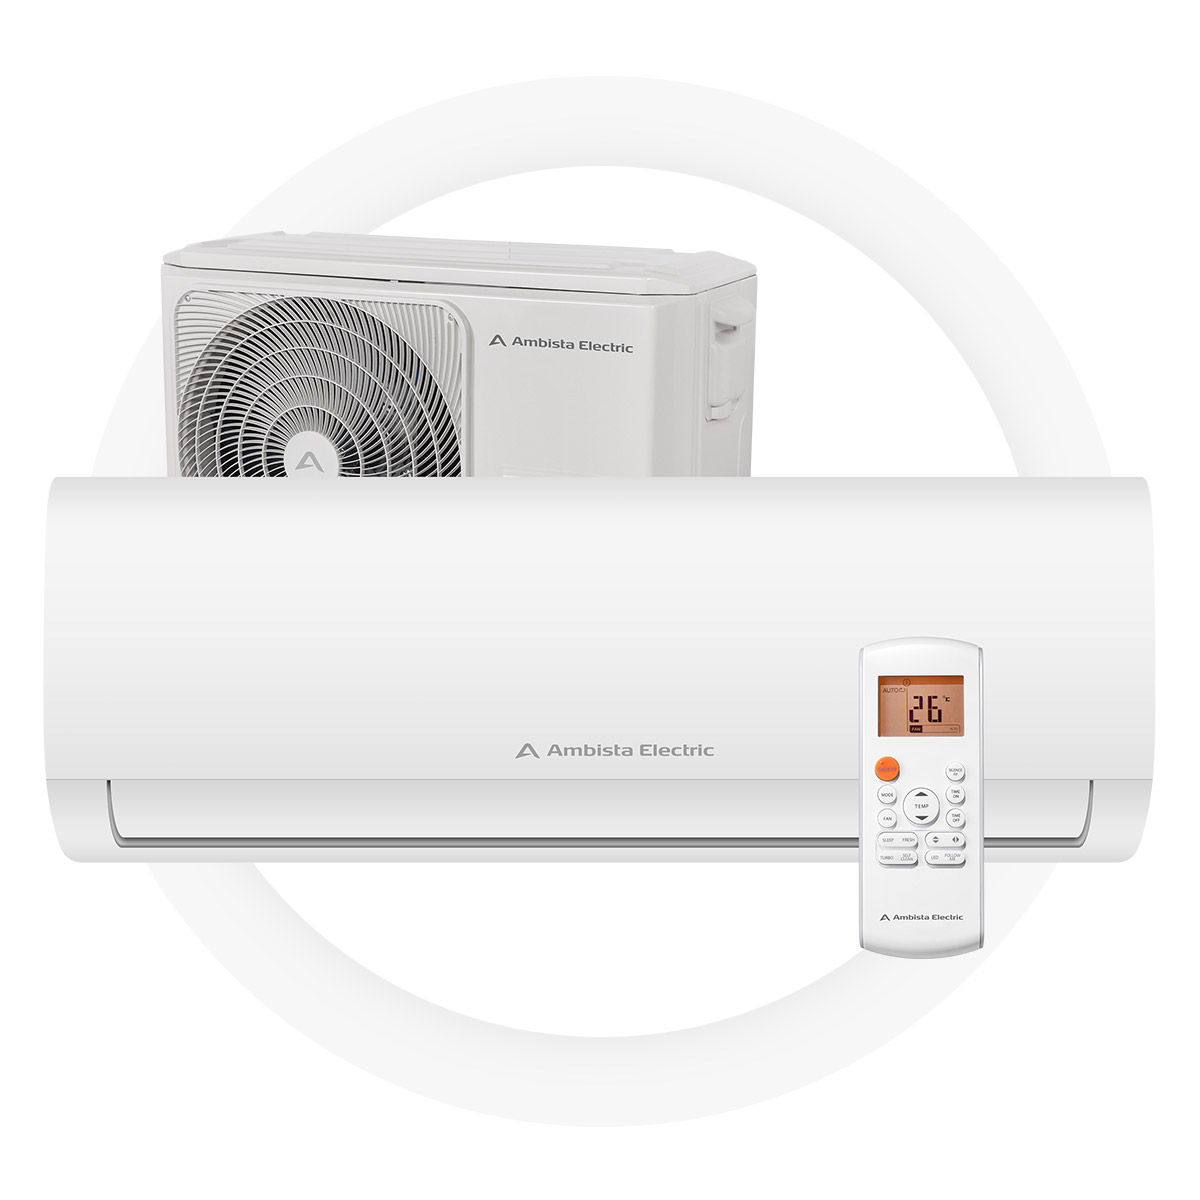 Ambista electric azure25-lnA - Bra SCOP-värde på 4,0A+ energieffektivitet vid uppvärmning och A++ vid kylaUppnår önskad arbetstemperatur snabbtVärmer upp till 60 kvadratmeter2 års full fabriksgaranti